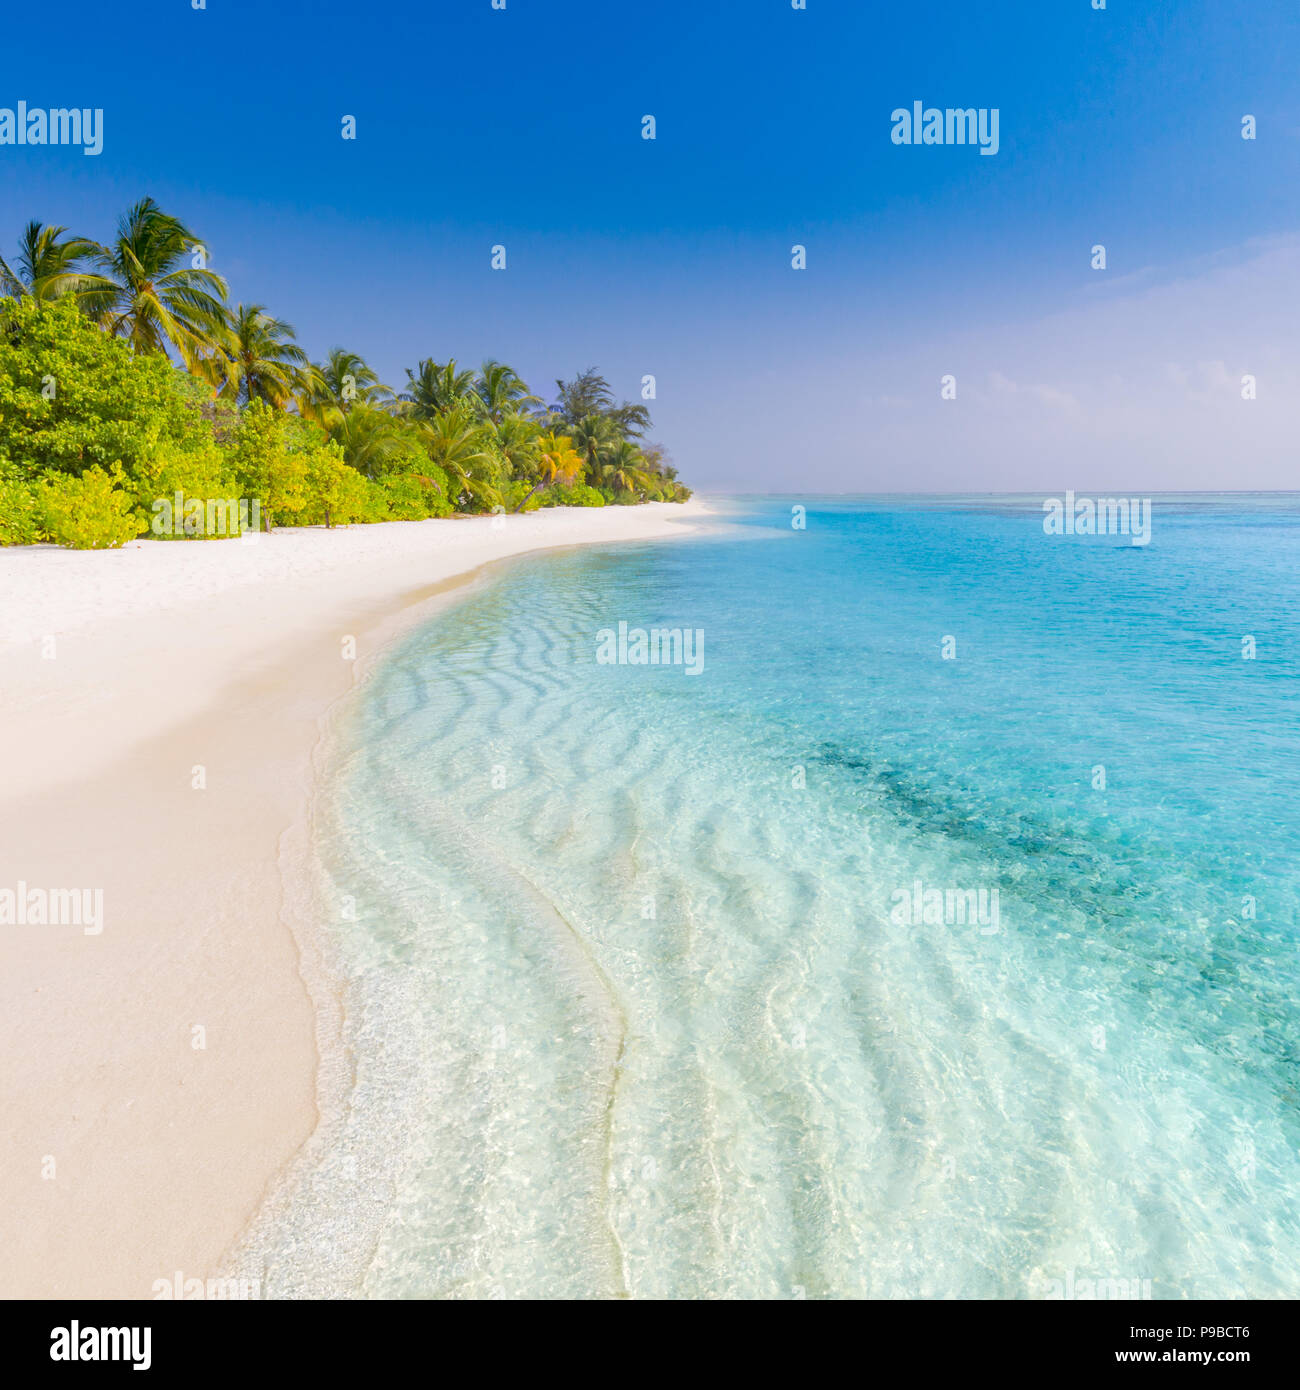 Plage tranquille bannière. Palmiers et incroyable vue sur la mer bleu avec du sable blanc Photo Stock